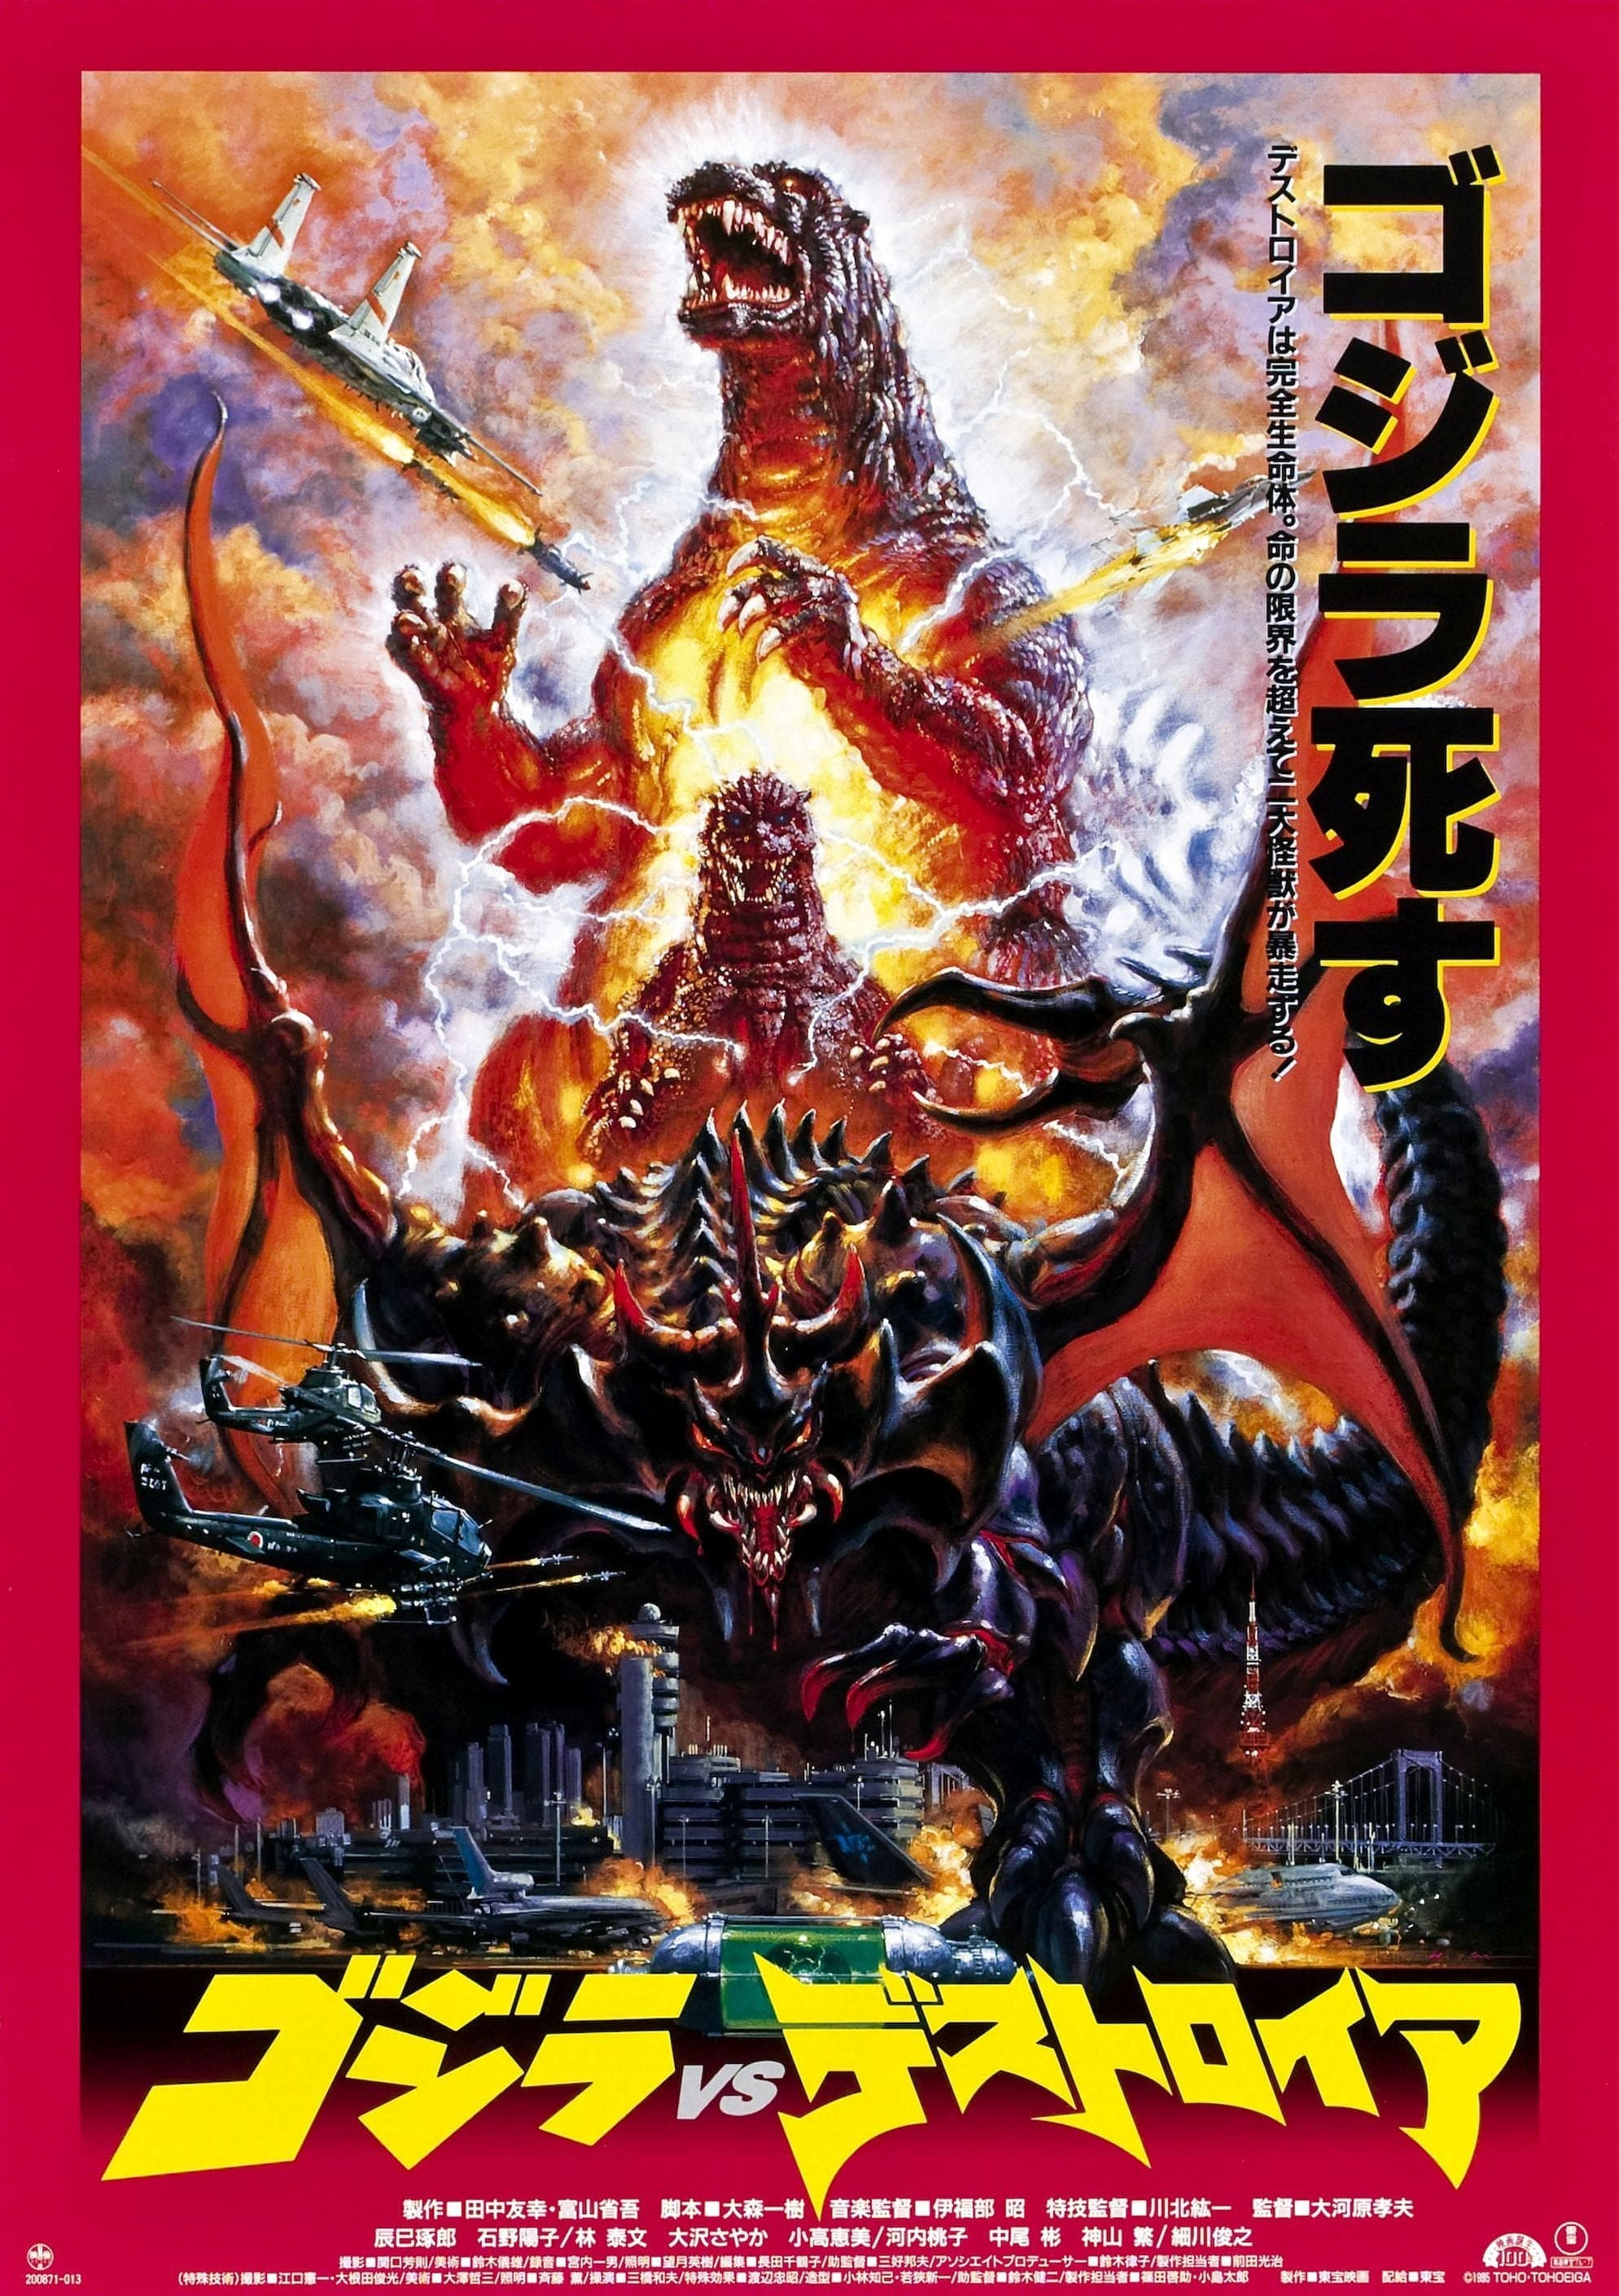 godzilla vs destroyah - Годзилла против Разрушителя ✸ 1995 ✸ Япония